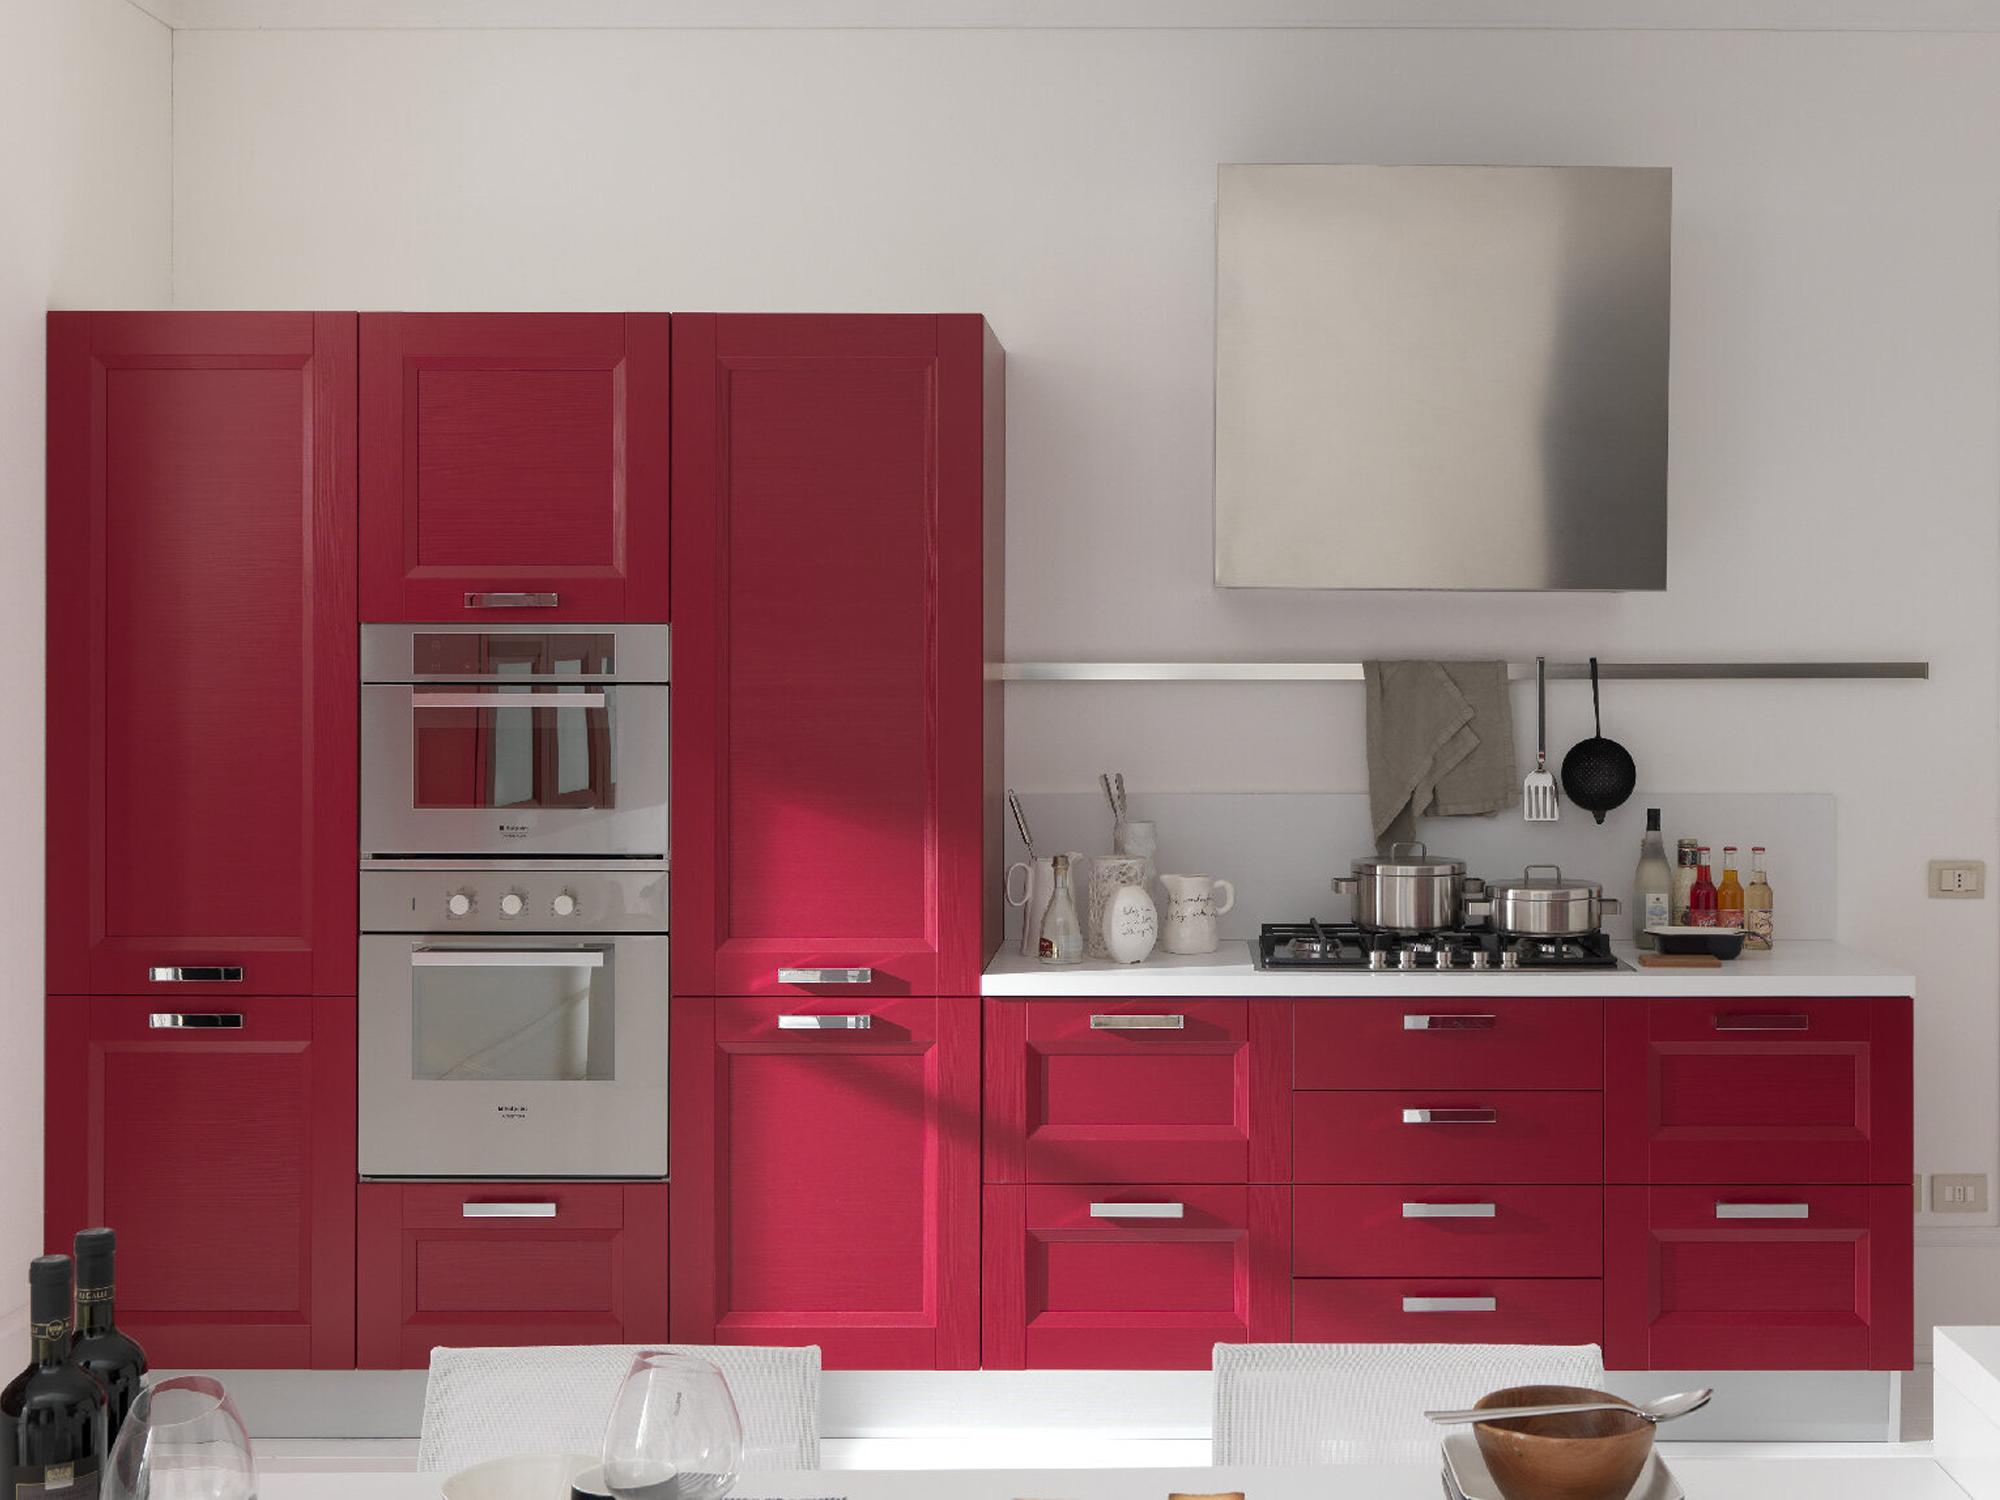 Cucina rossa cucina rossa ante inferiori decorazioni with for Peso de cocina ikea